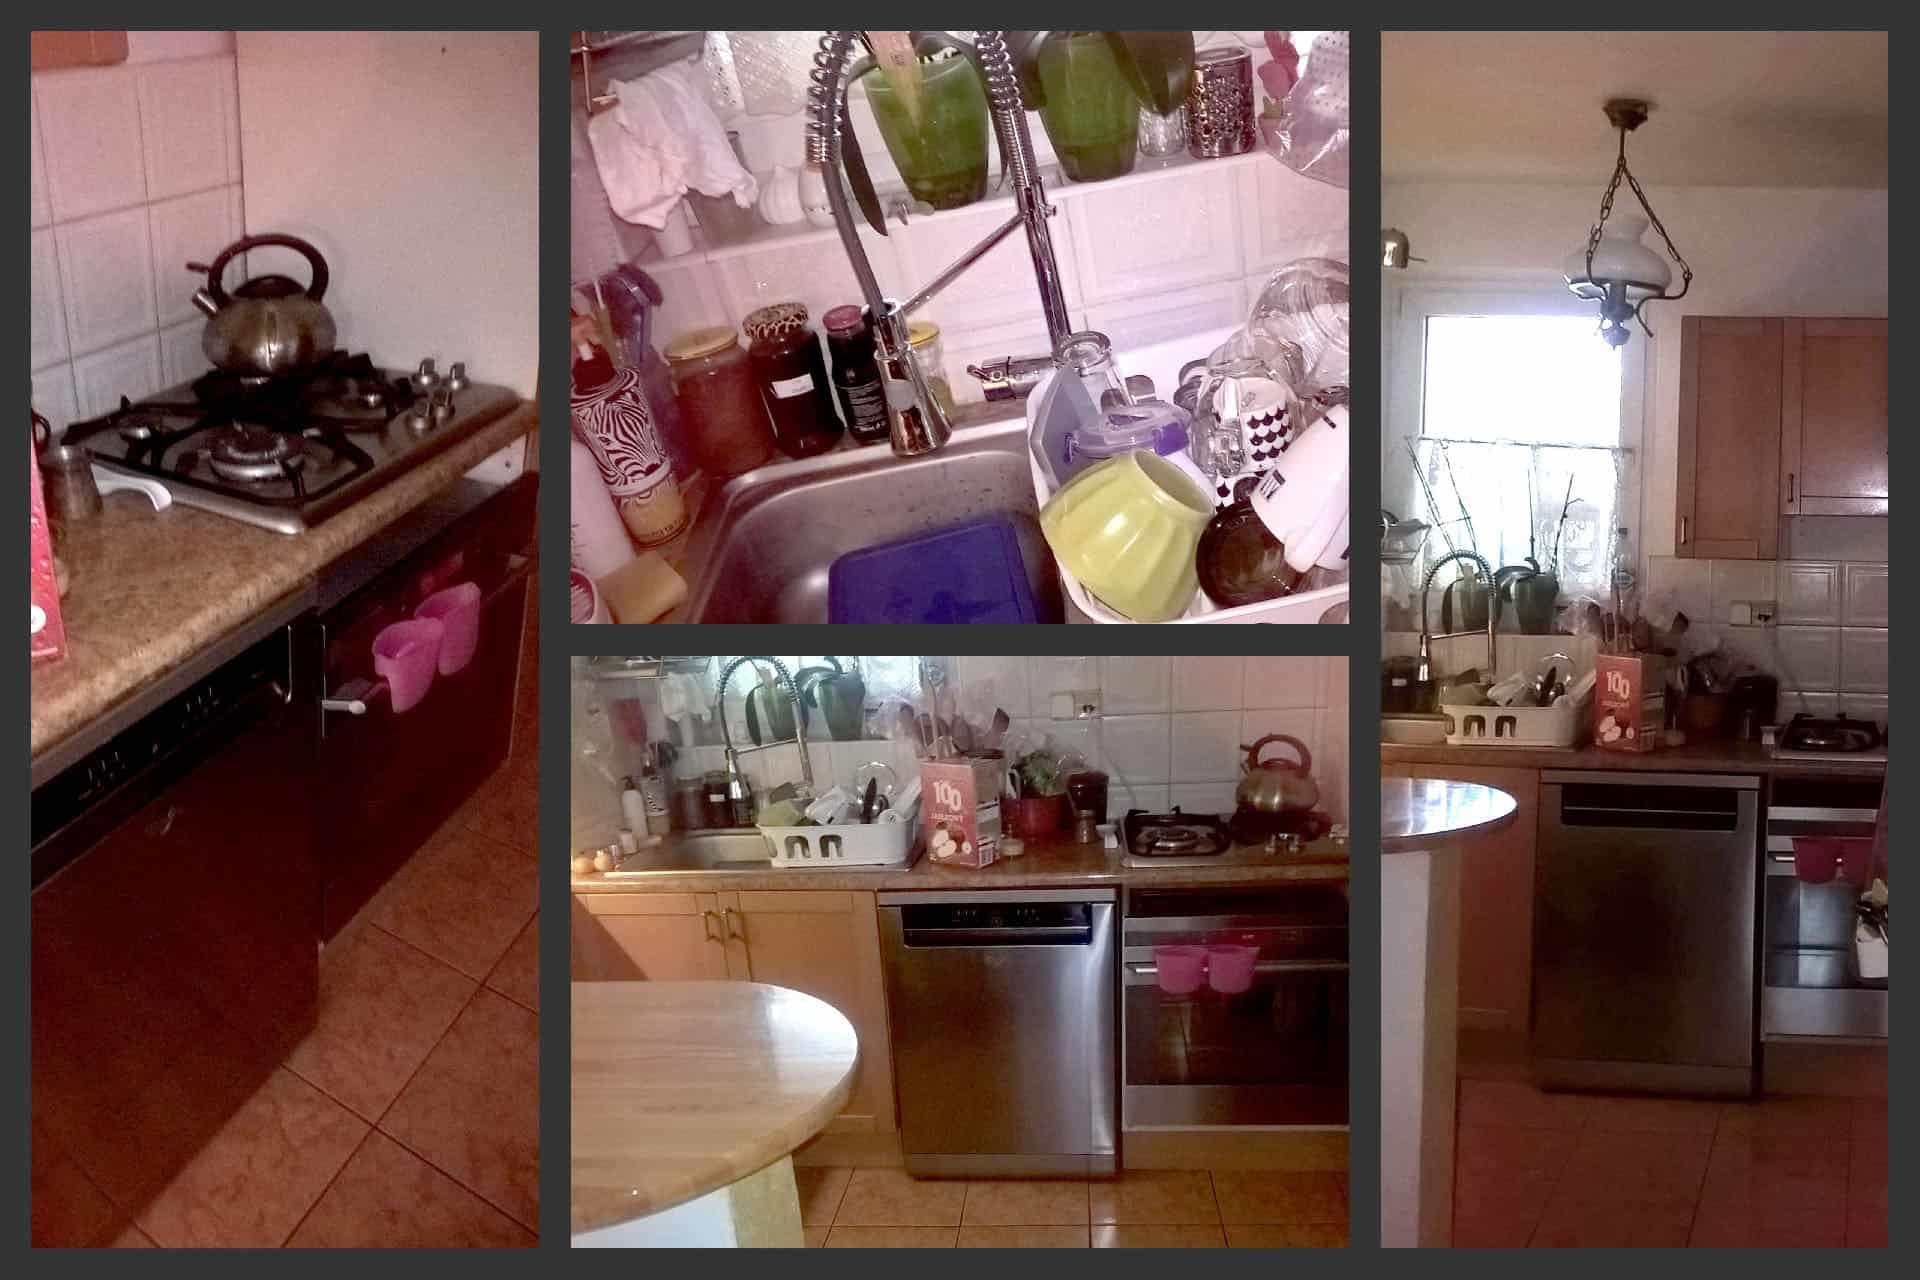 projektanci wnętrz przed kuchnia ursynow Metamorfoza mieszkania